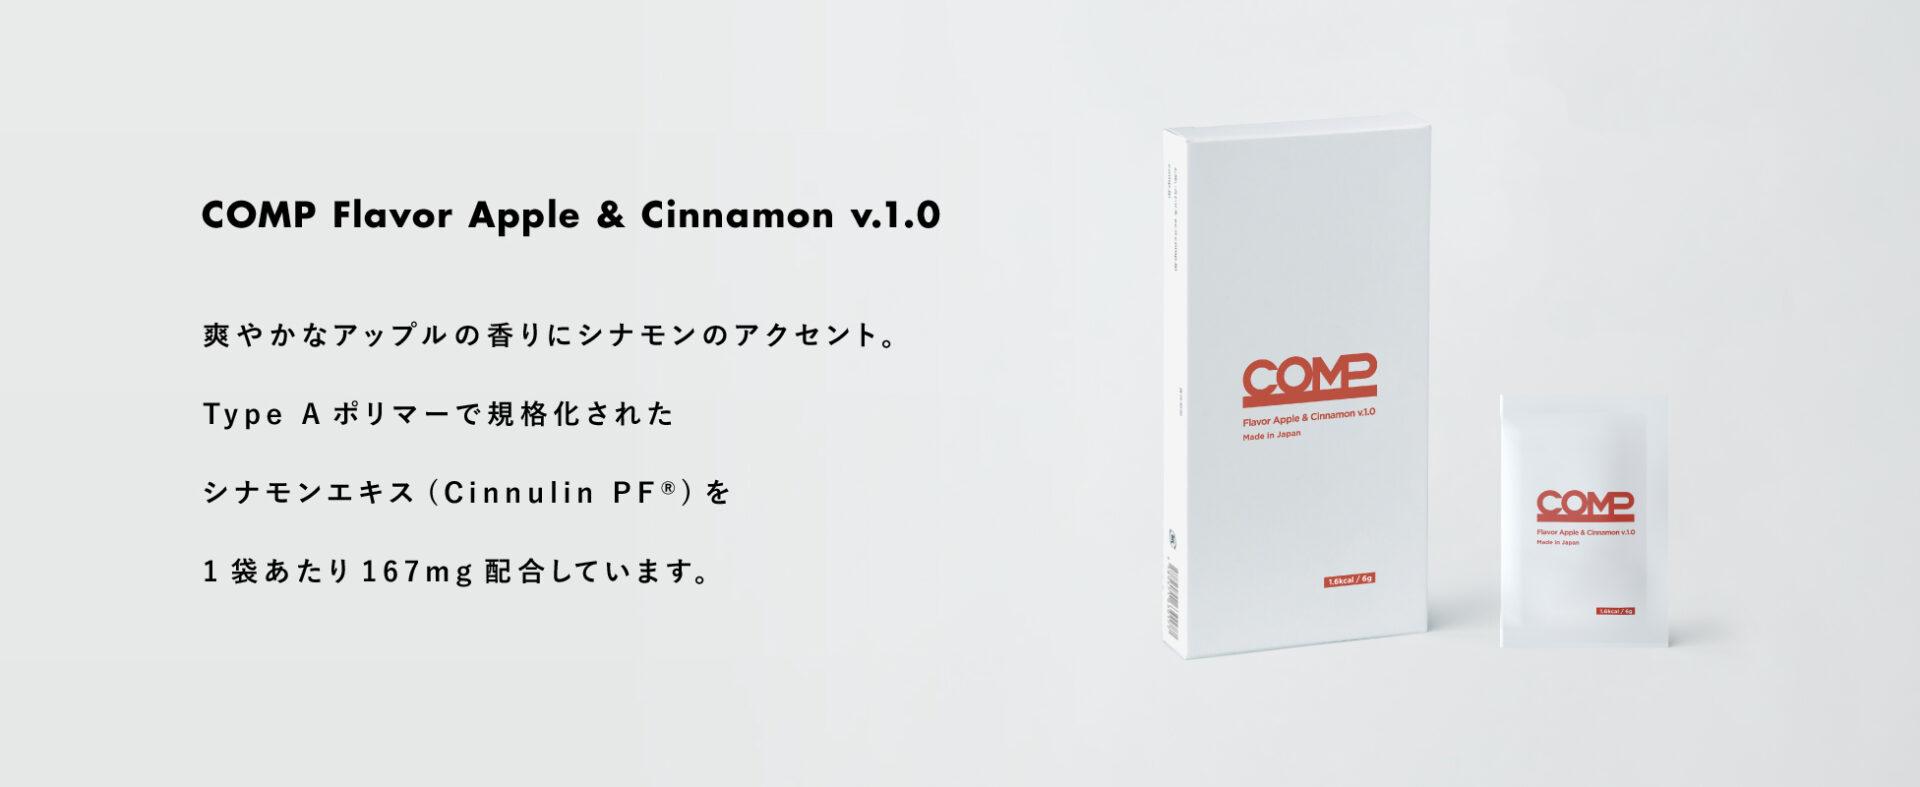 COMP Flavor(コンプフレーバー)_4つの風味_アップル&シナモン風味公式サイト説明